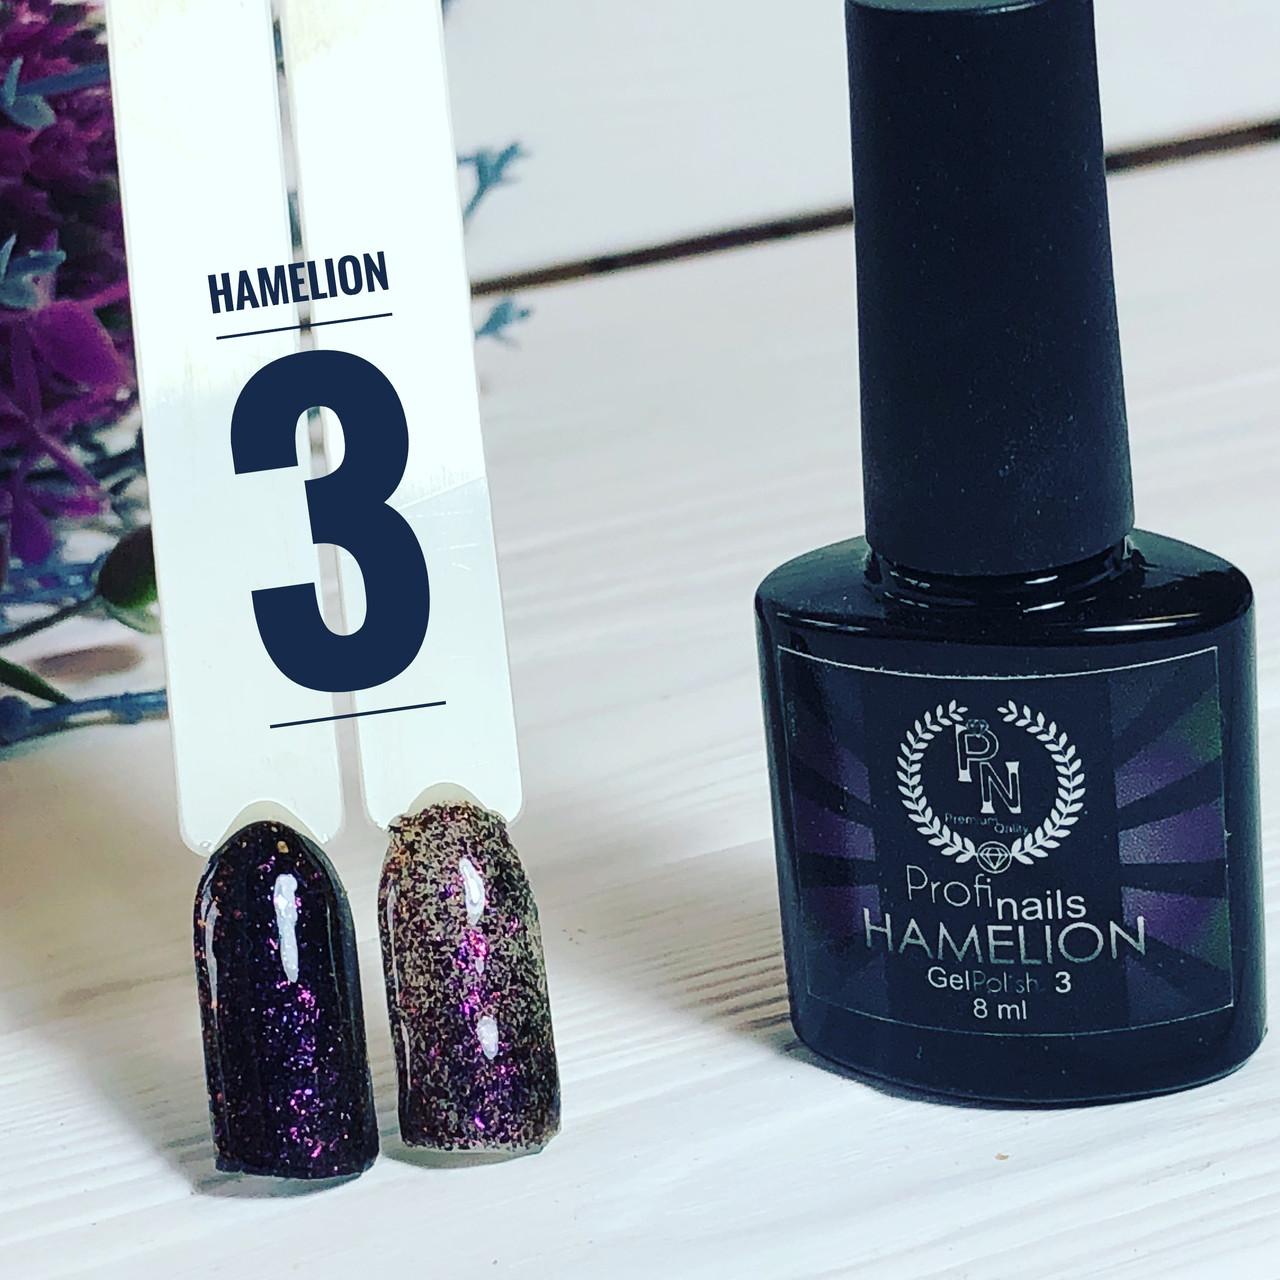 Гель лак каучуковый 8 мл Profi nails Hamelion 3